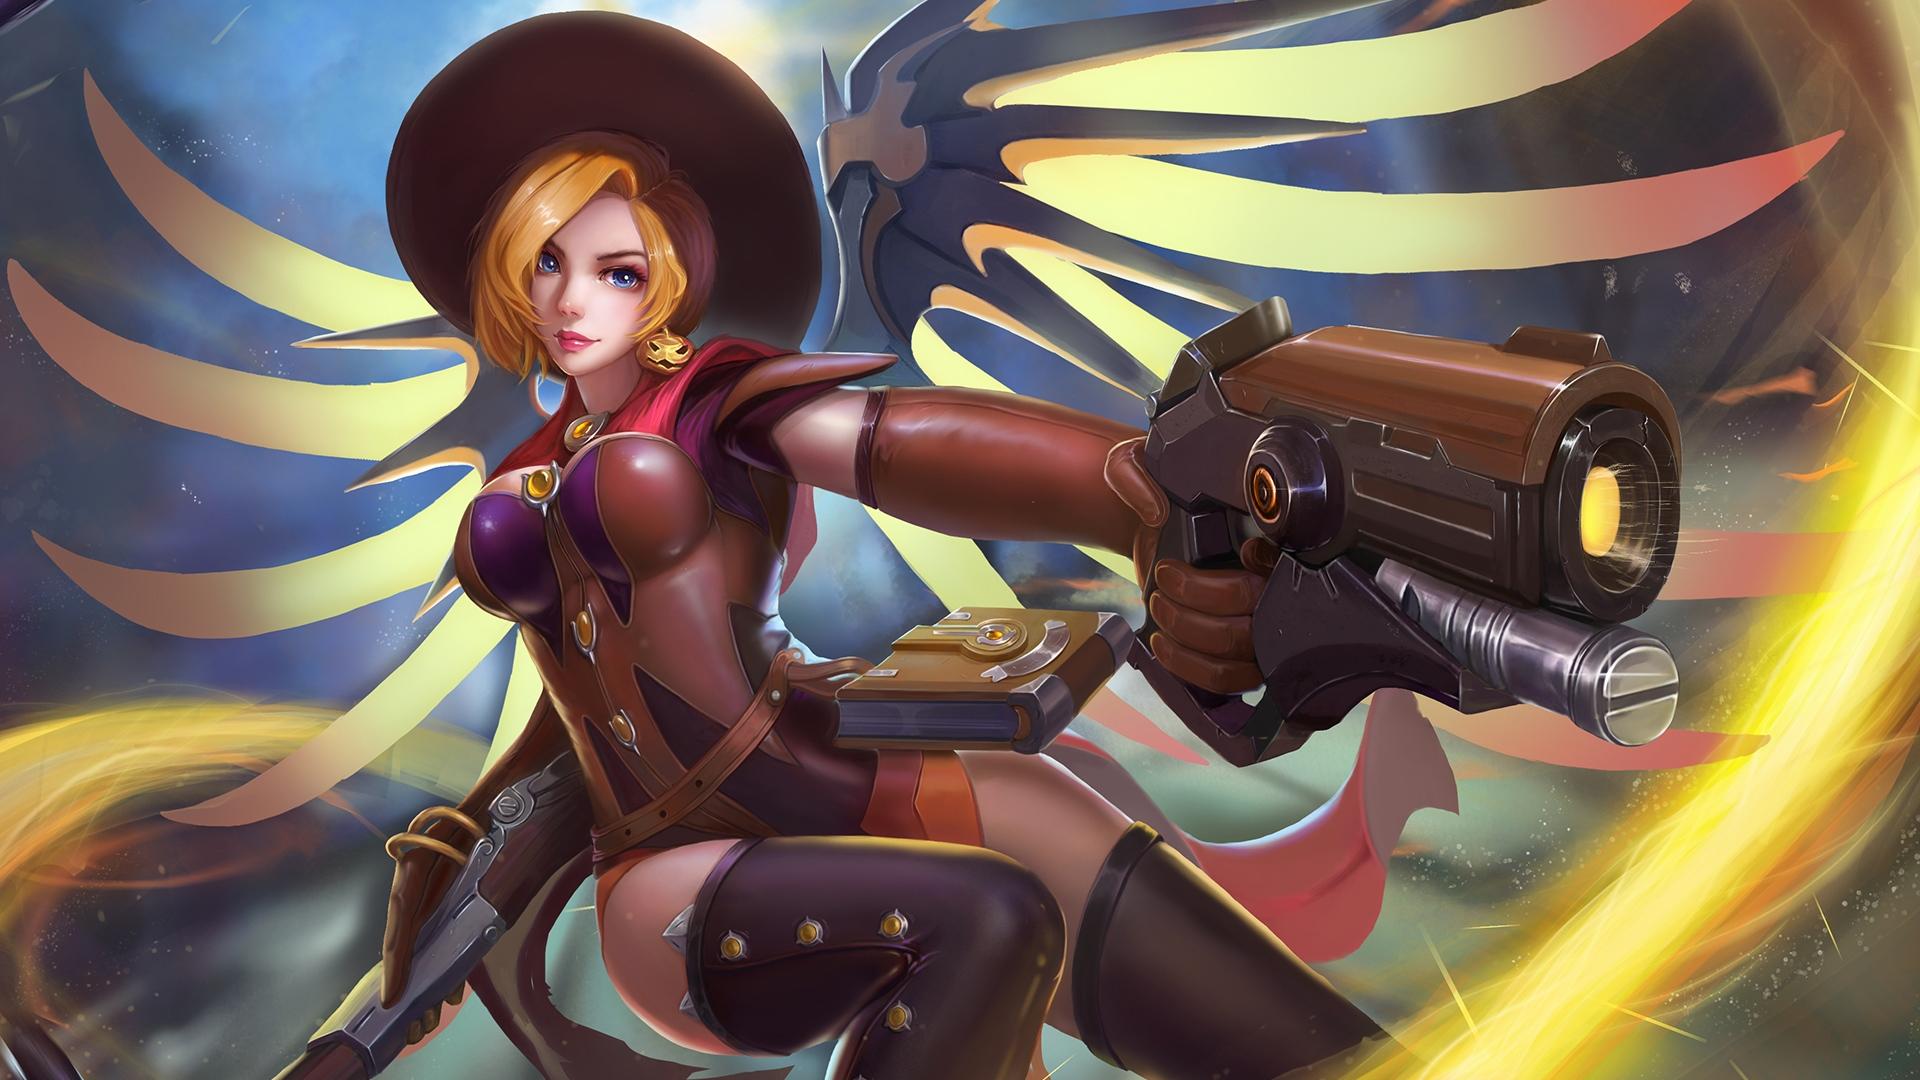 mercy overwatch gun